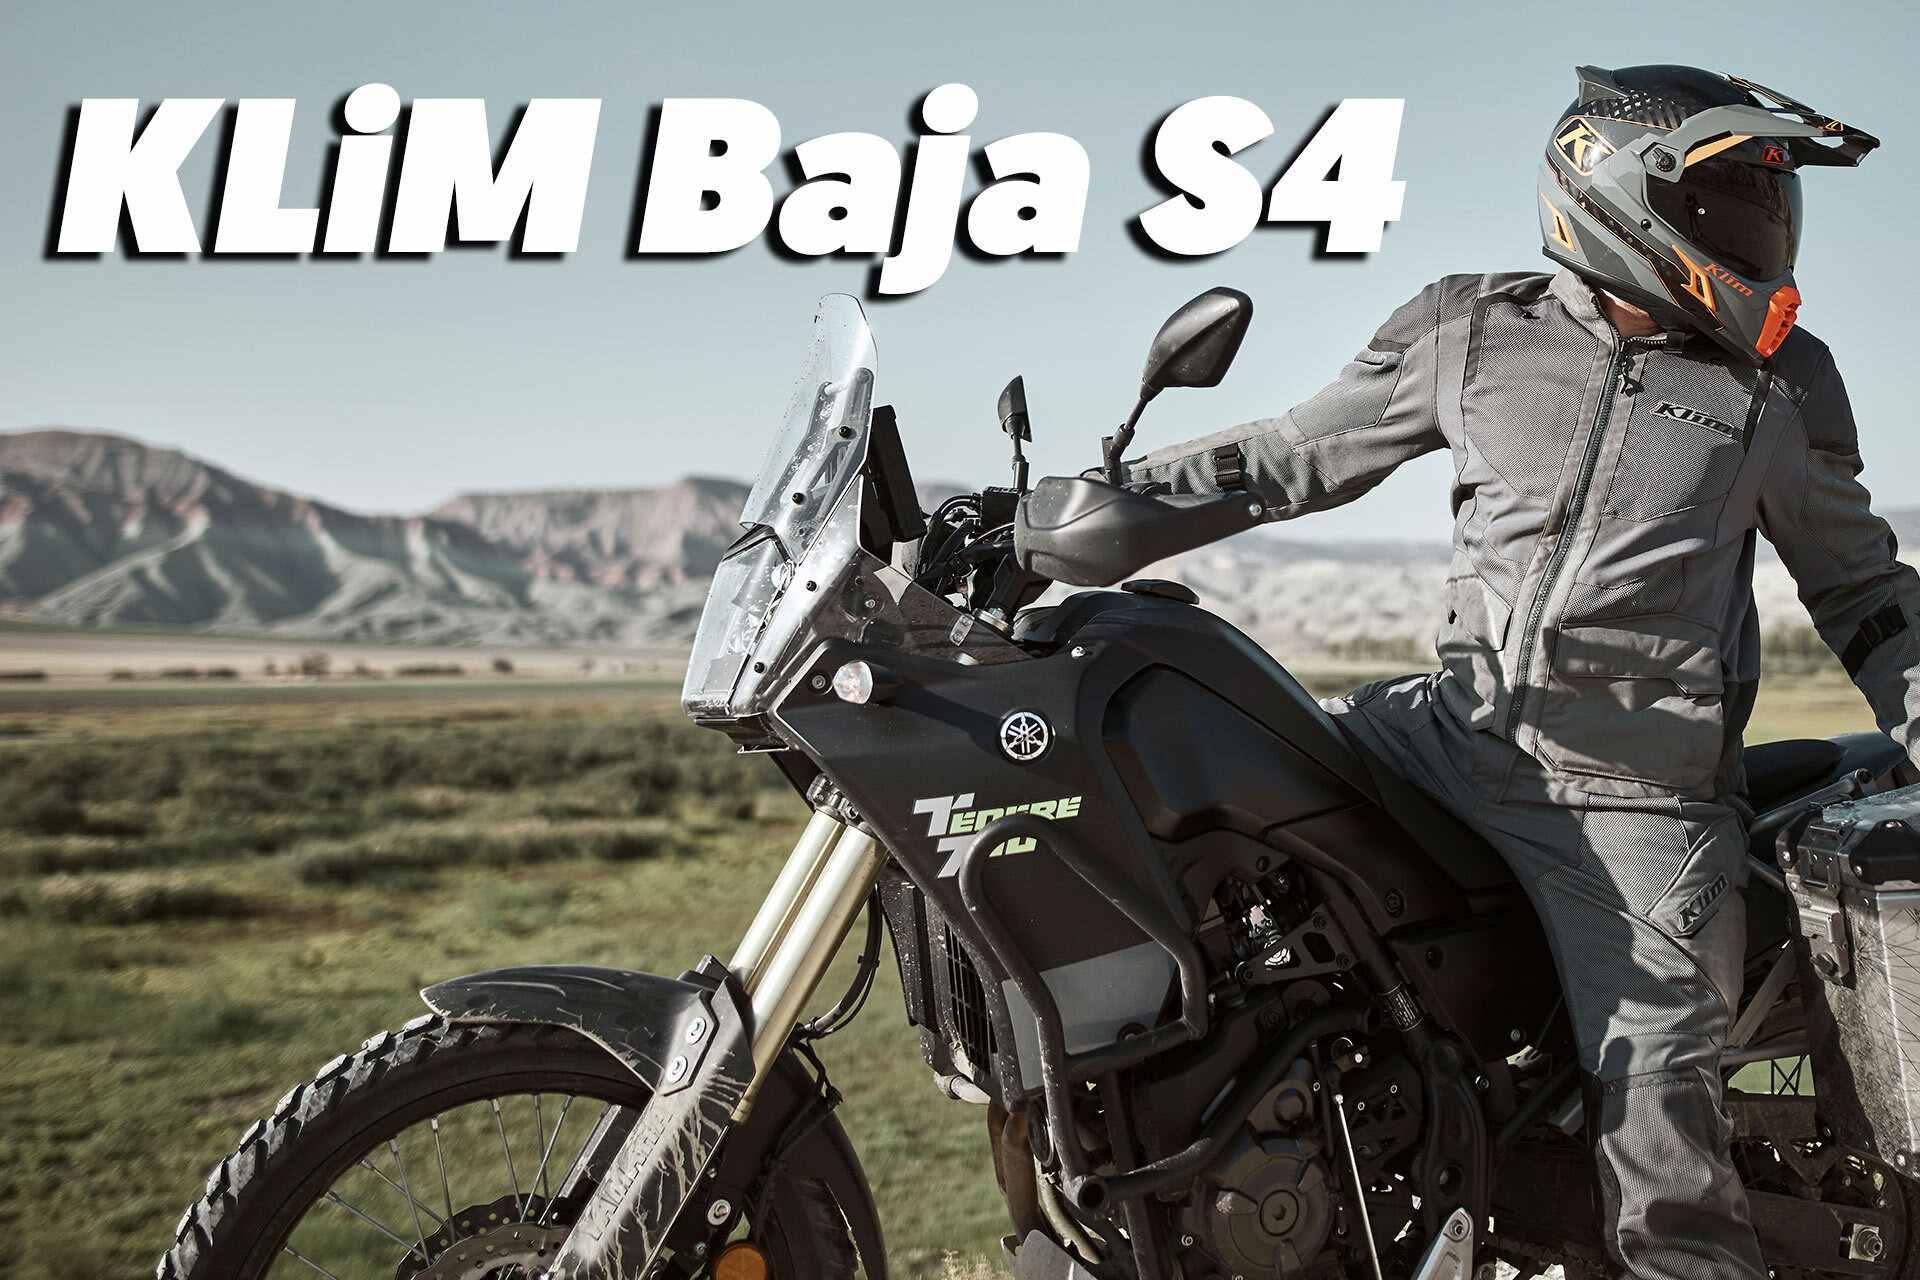 Nueva equipación Klim Baja S4